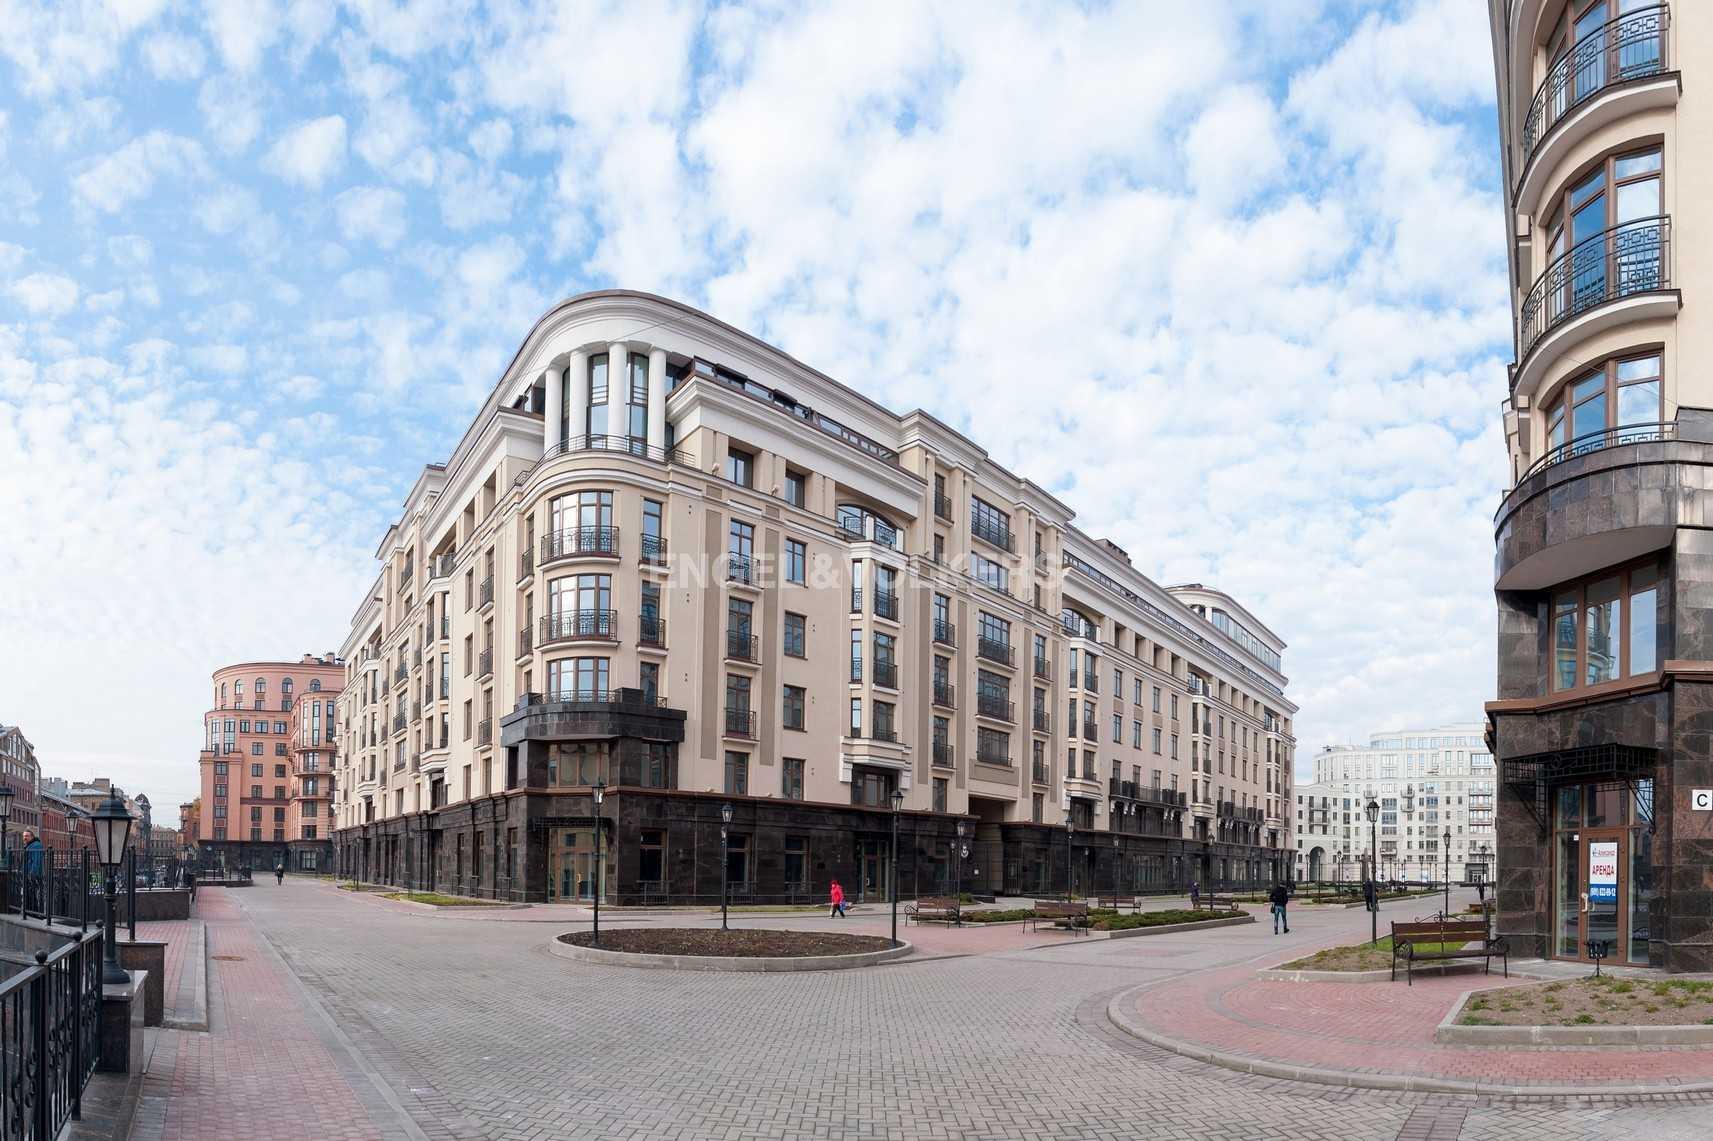 Элитные квартиры в Центральном районе. Санкт-Петербург, Парадная ул. 3. Фасад здания